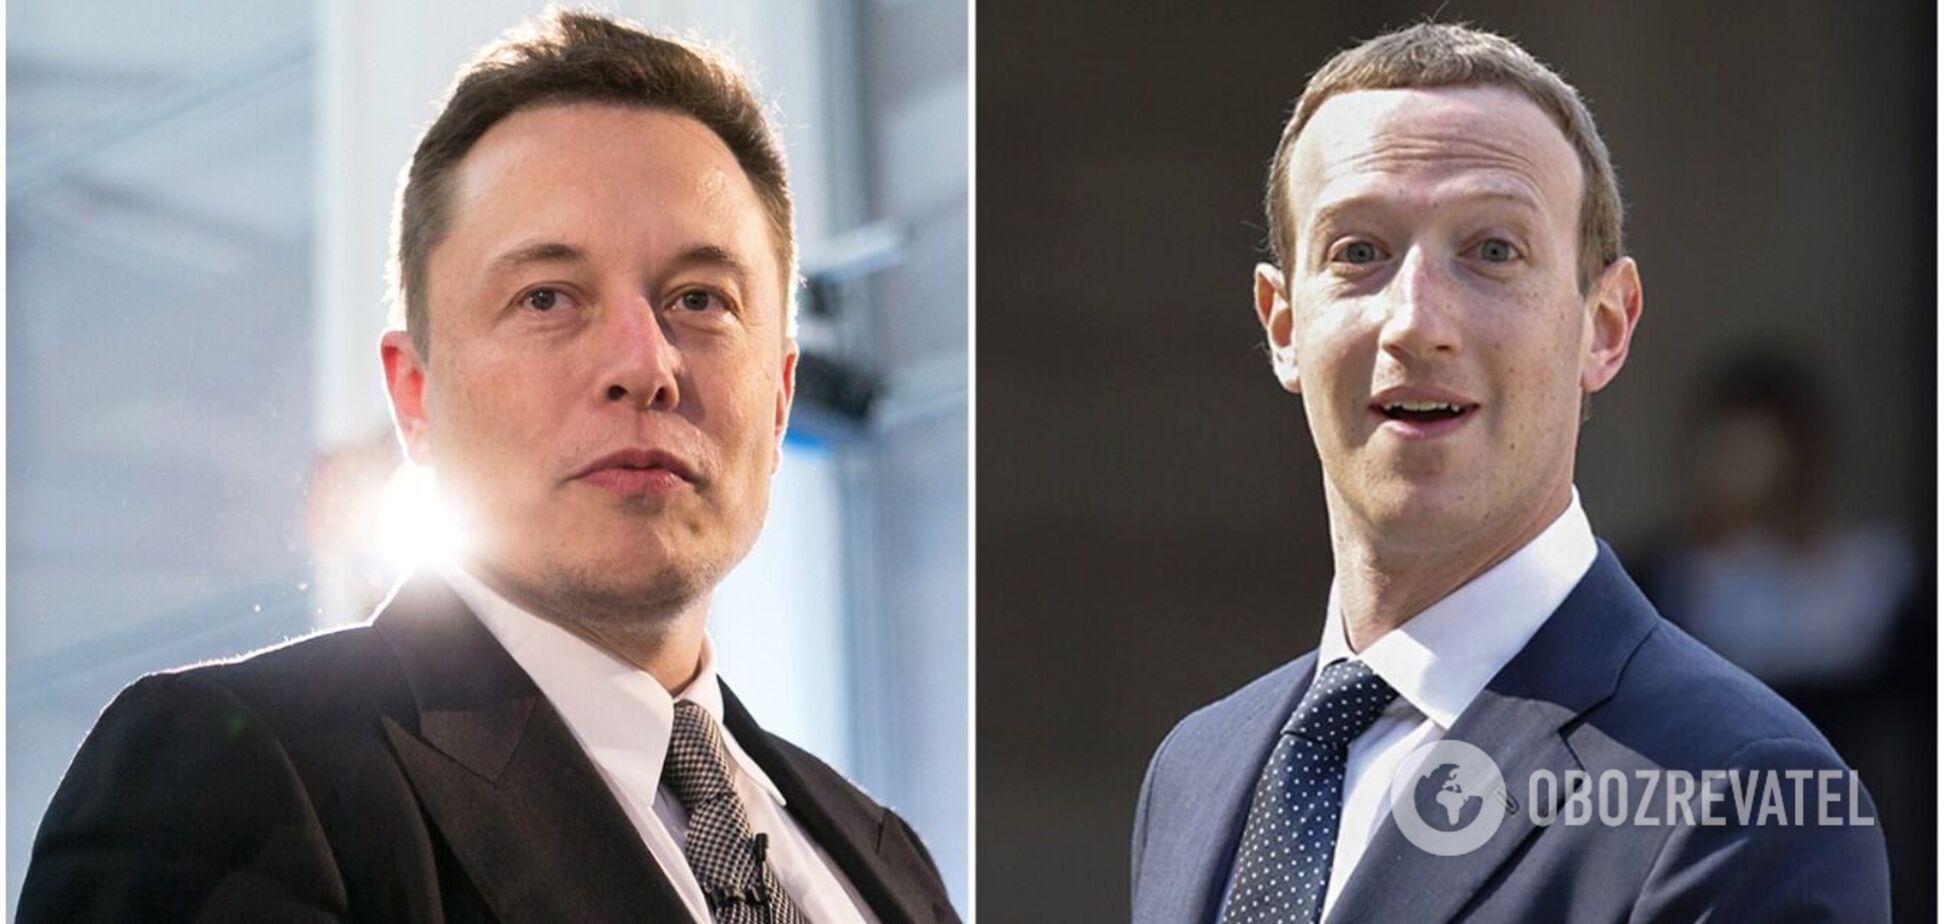 Як виглядали Ілон Маск, Джефф Безос та інші мільярдери до того, як стали багатими. Фото